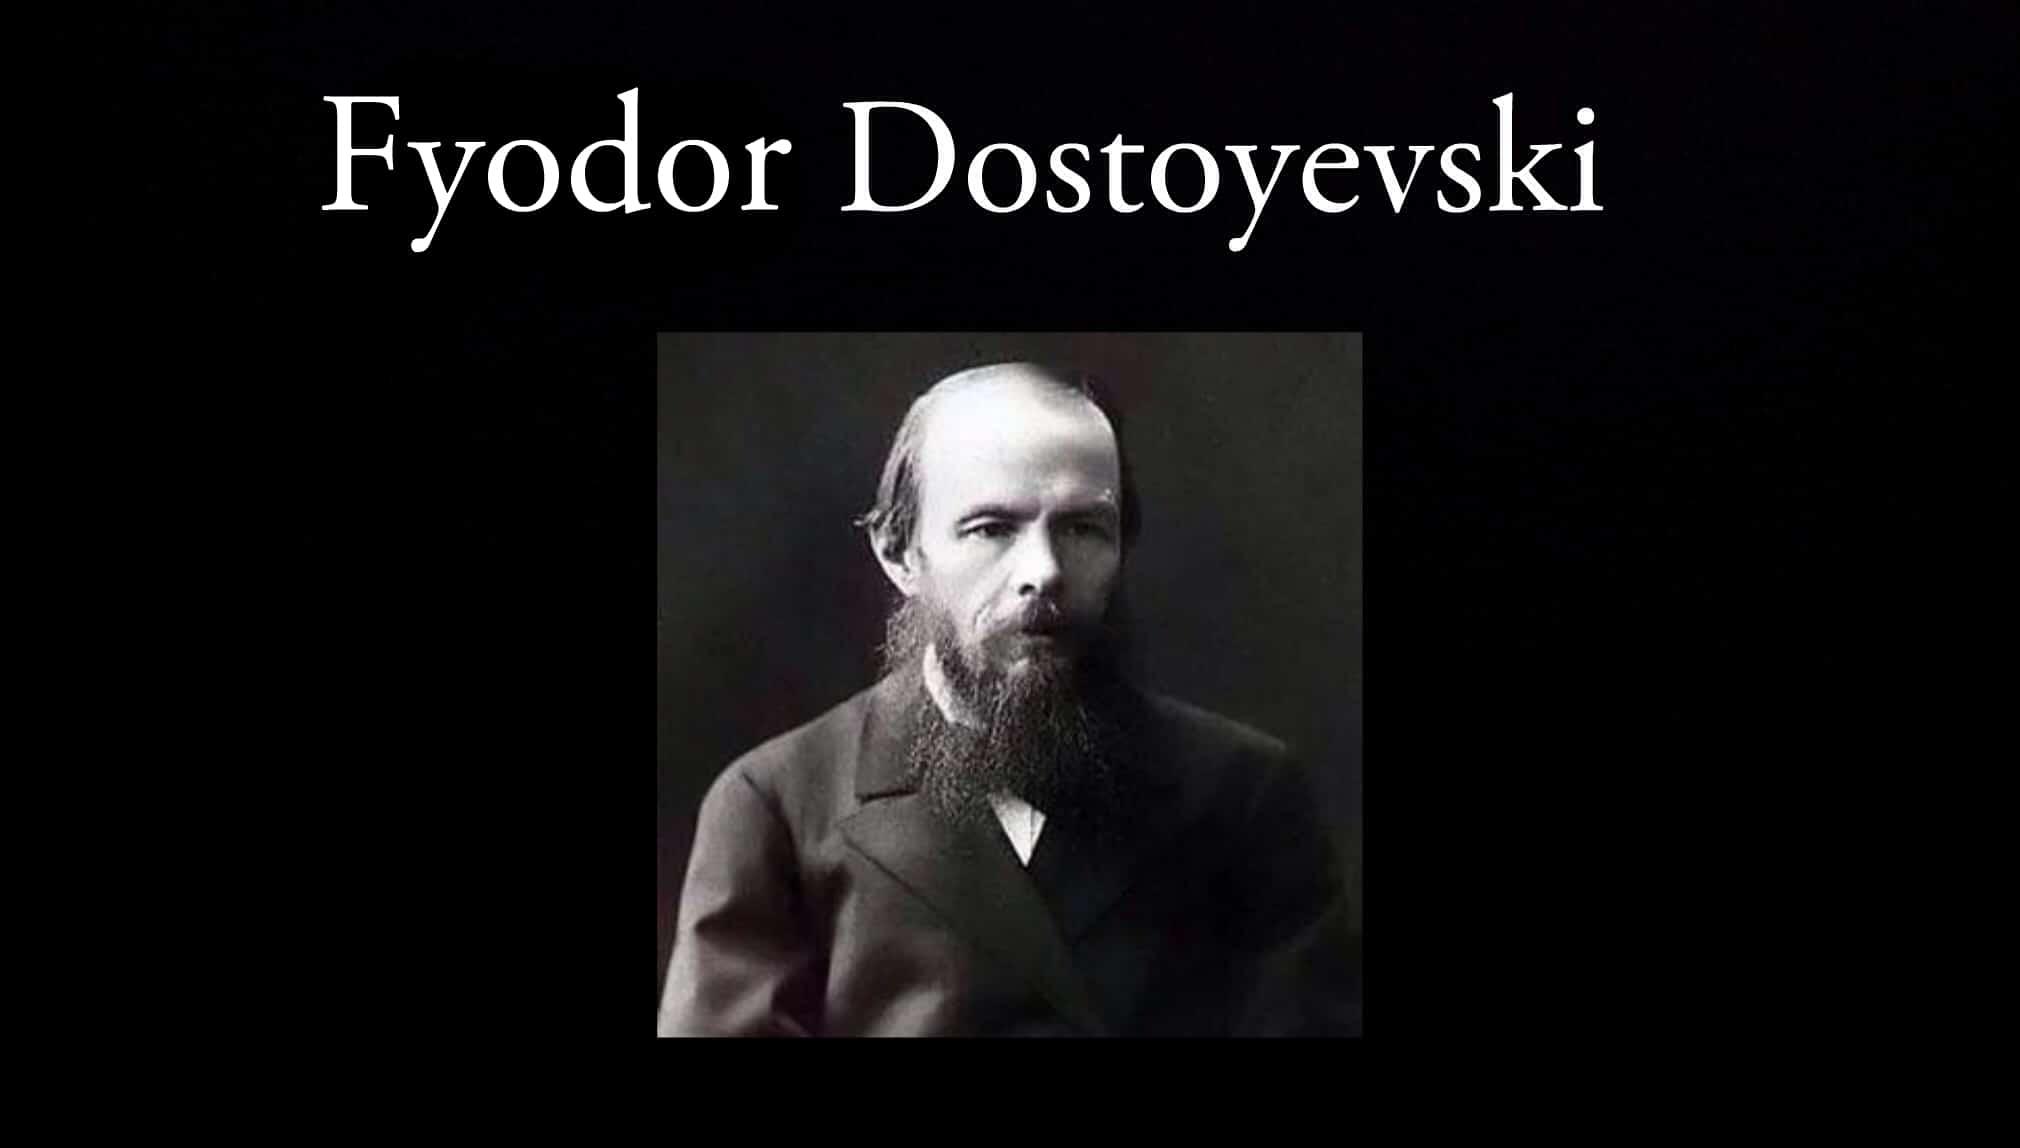 Fyodor Dostoyevski.